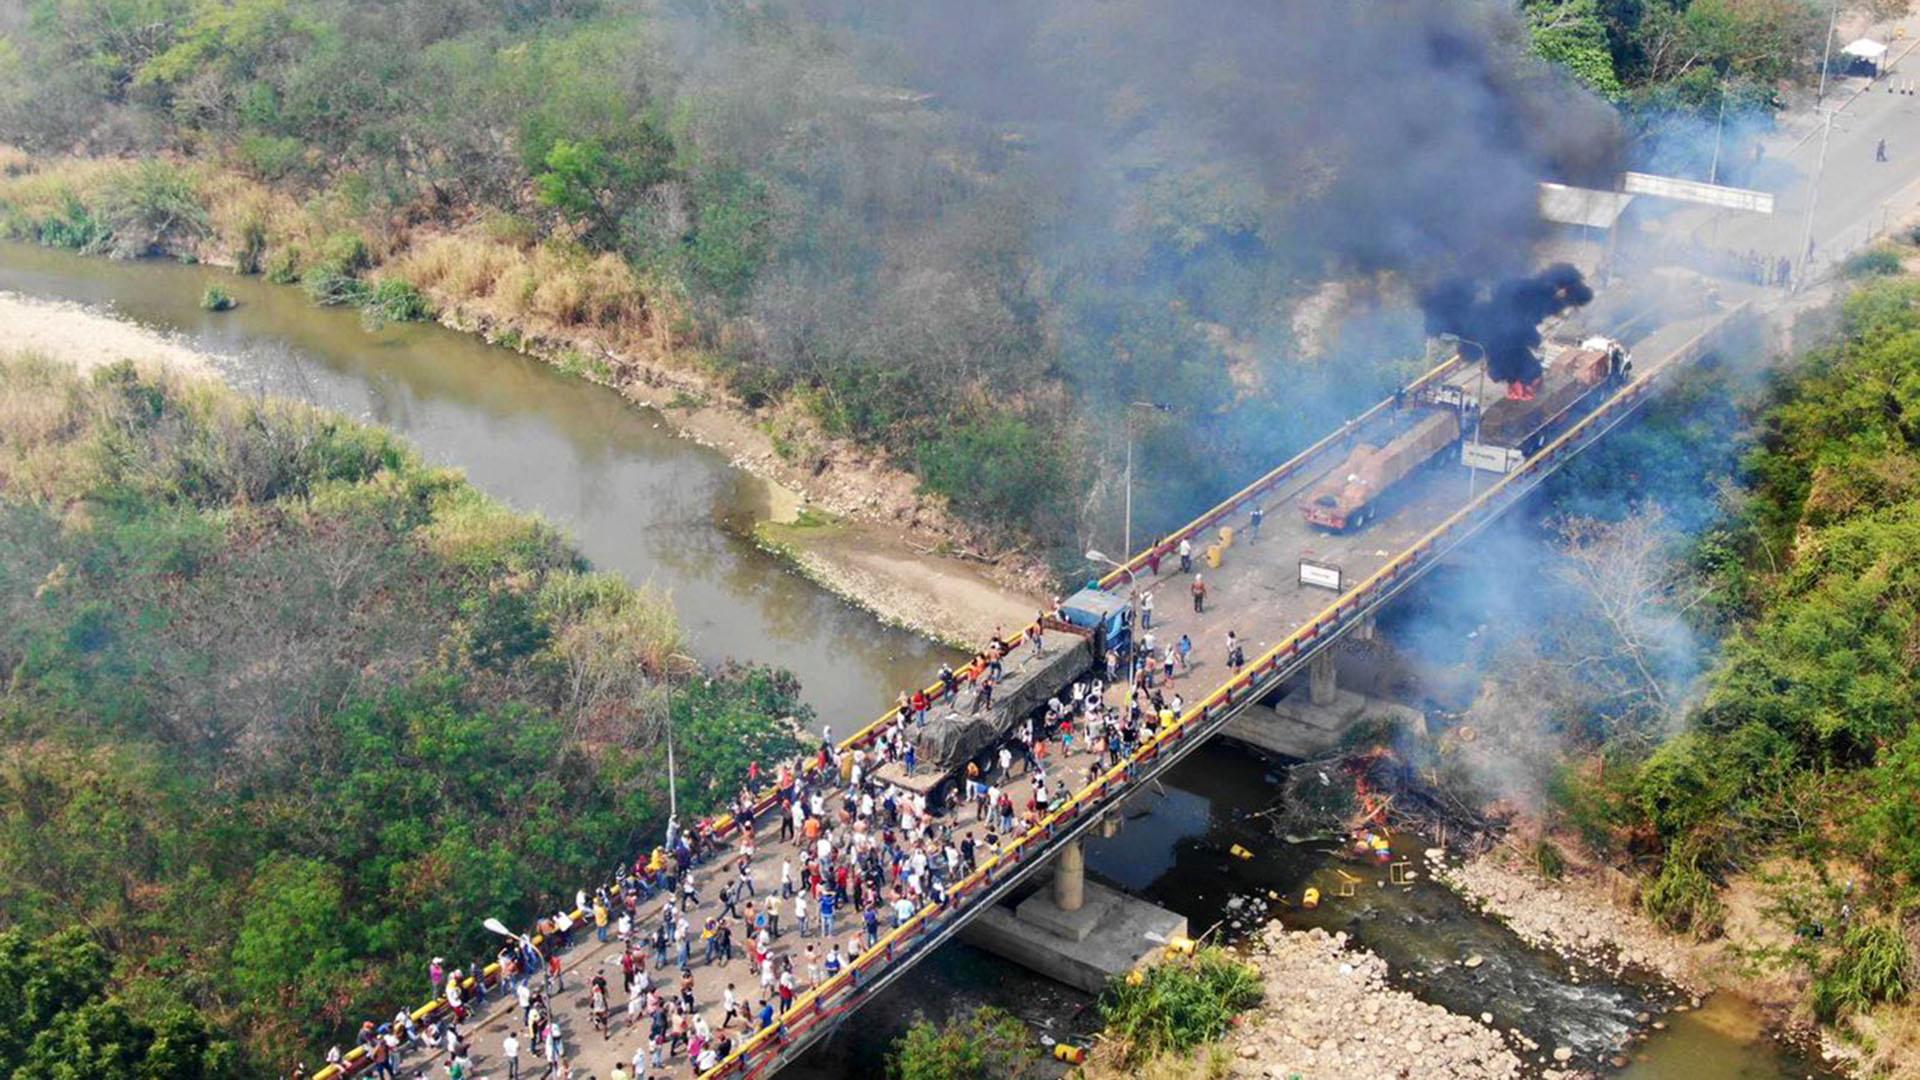 Dura represión en un puente entre Cúcuta y Ureña (@WCKitchen)